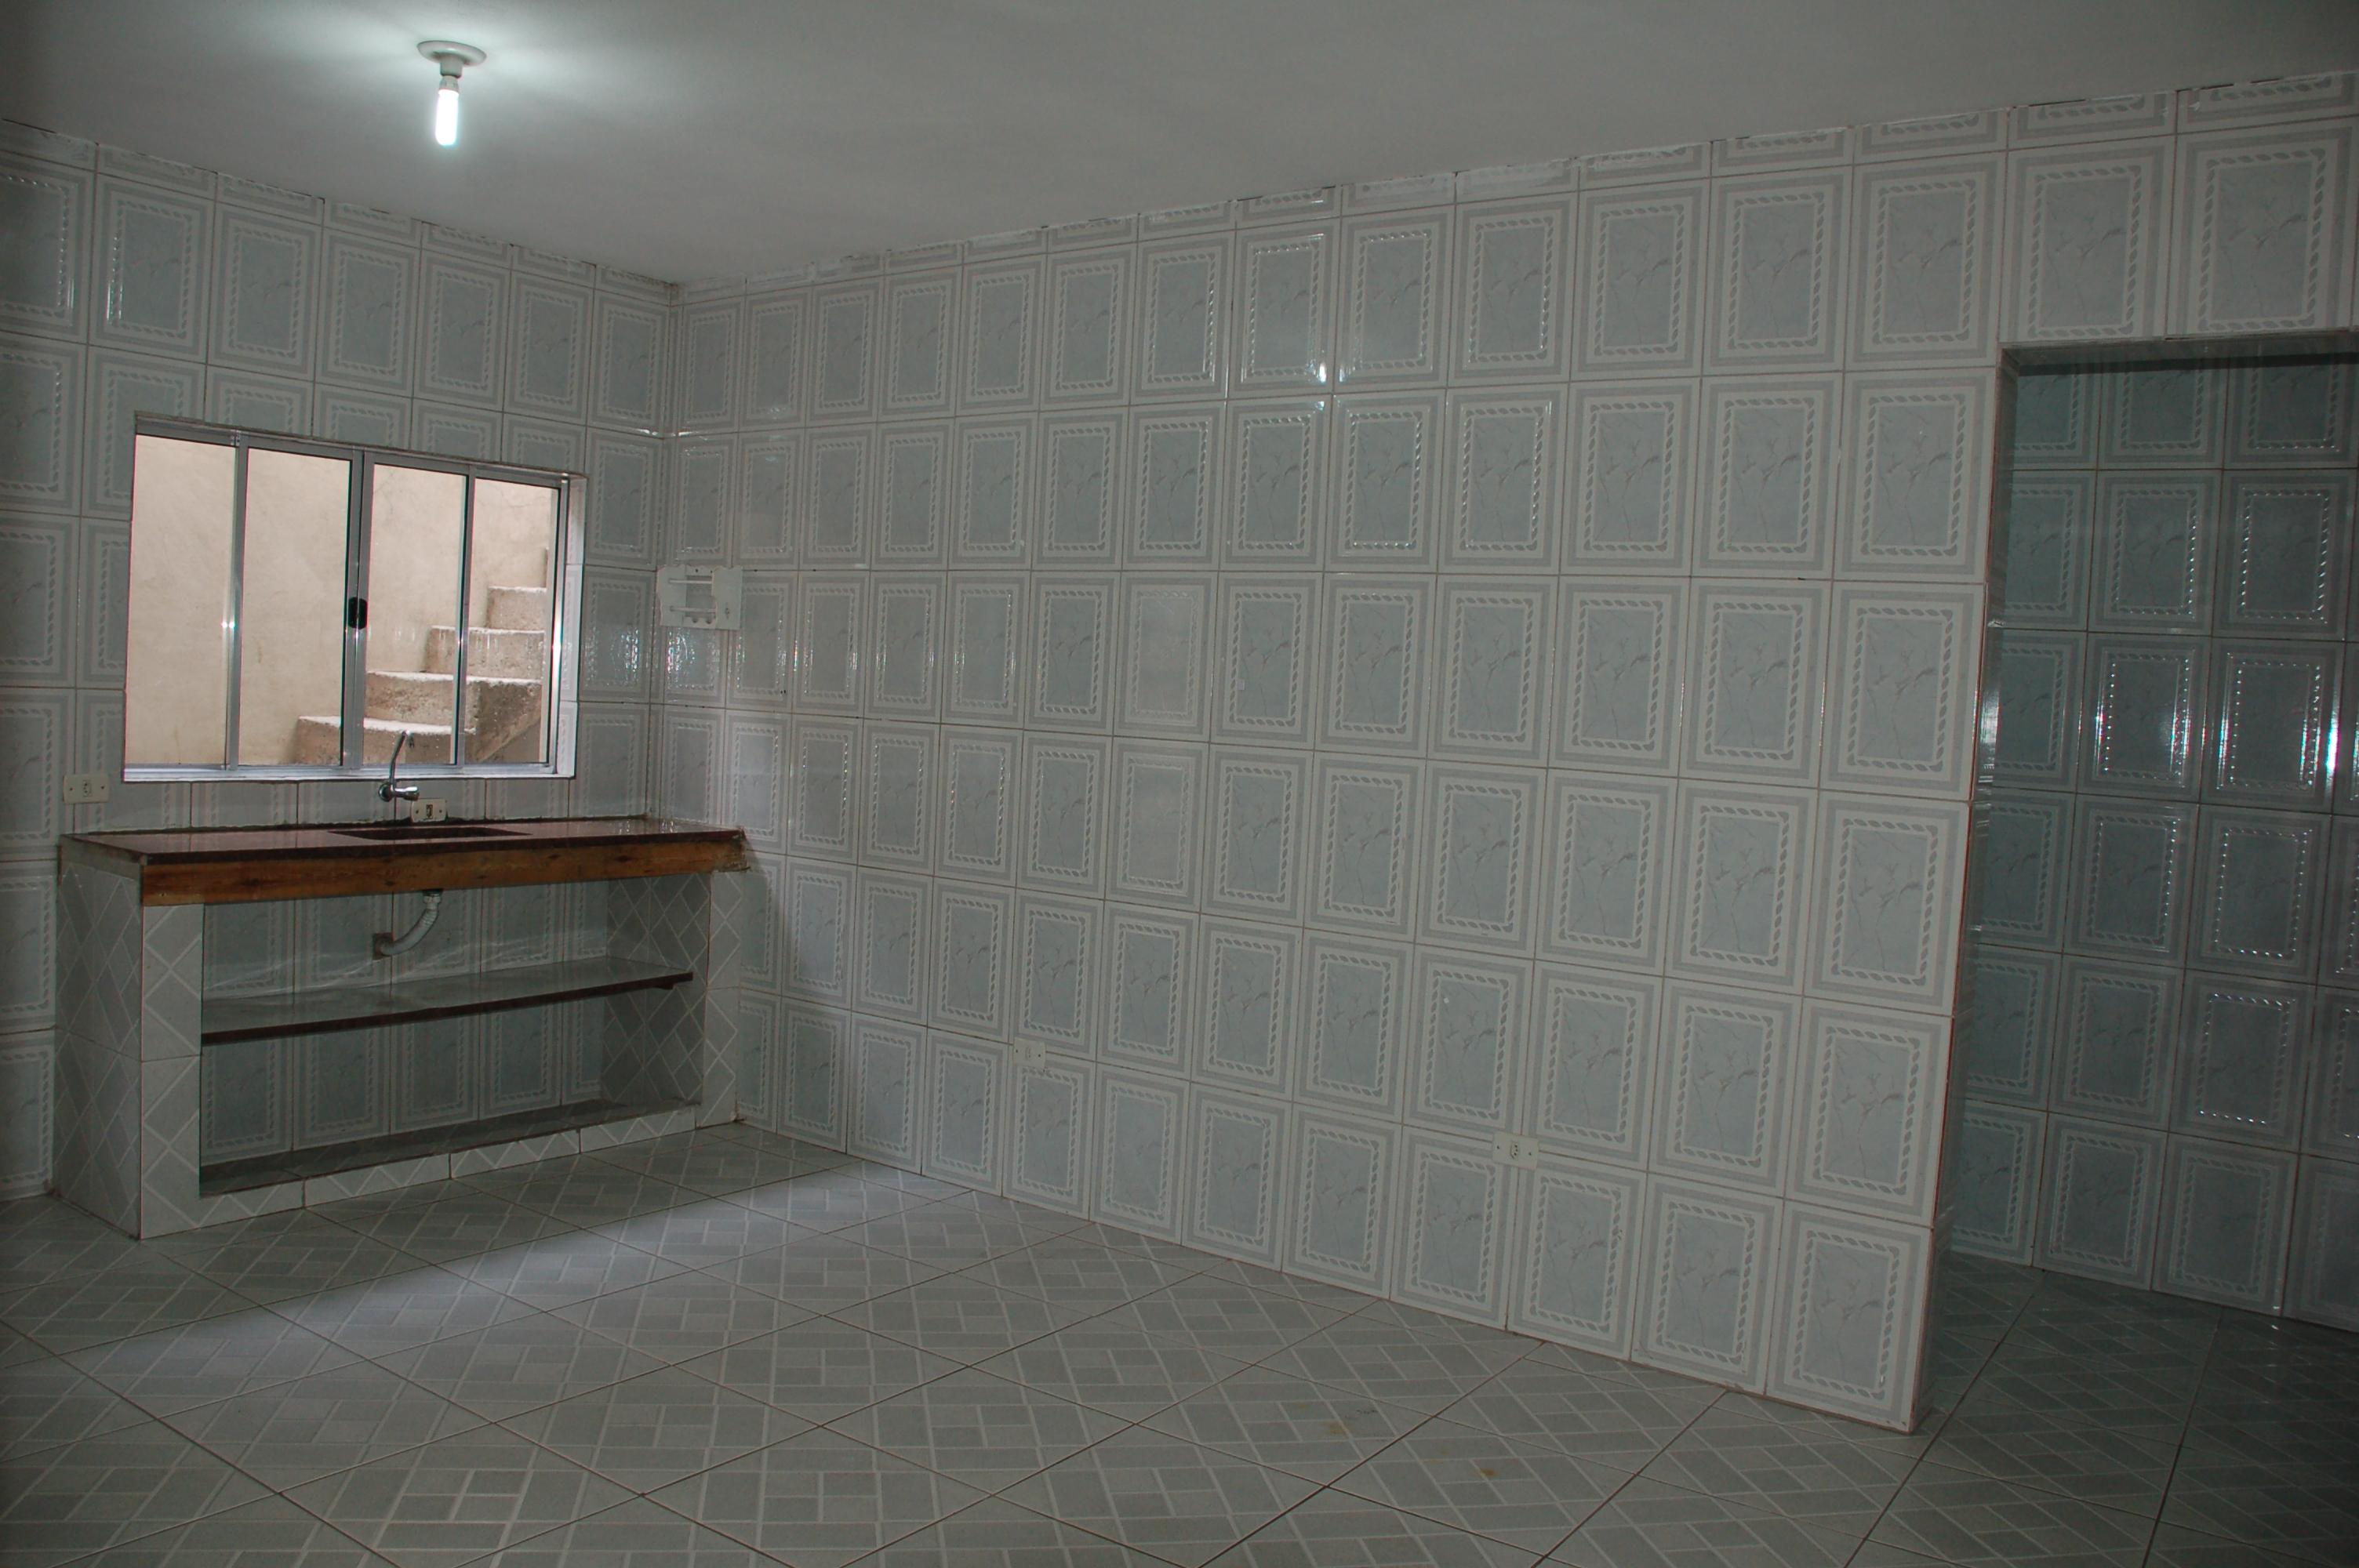 Aluga Se Casa 2 Quartos Sala Cozinha Lavanderia E Garagem Tudo  -> Quarto Sala Cozinha E Banheiro Para Alugar Em Sp